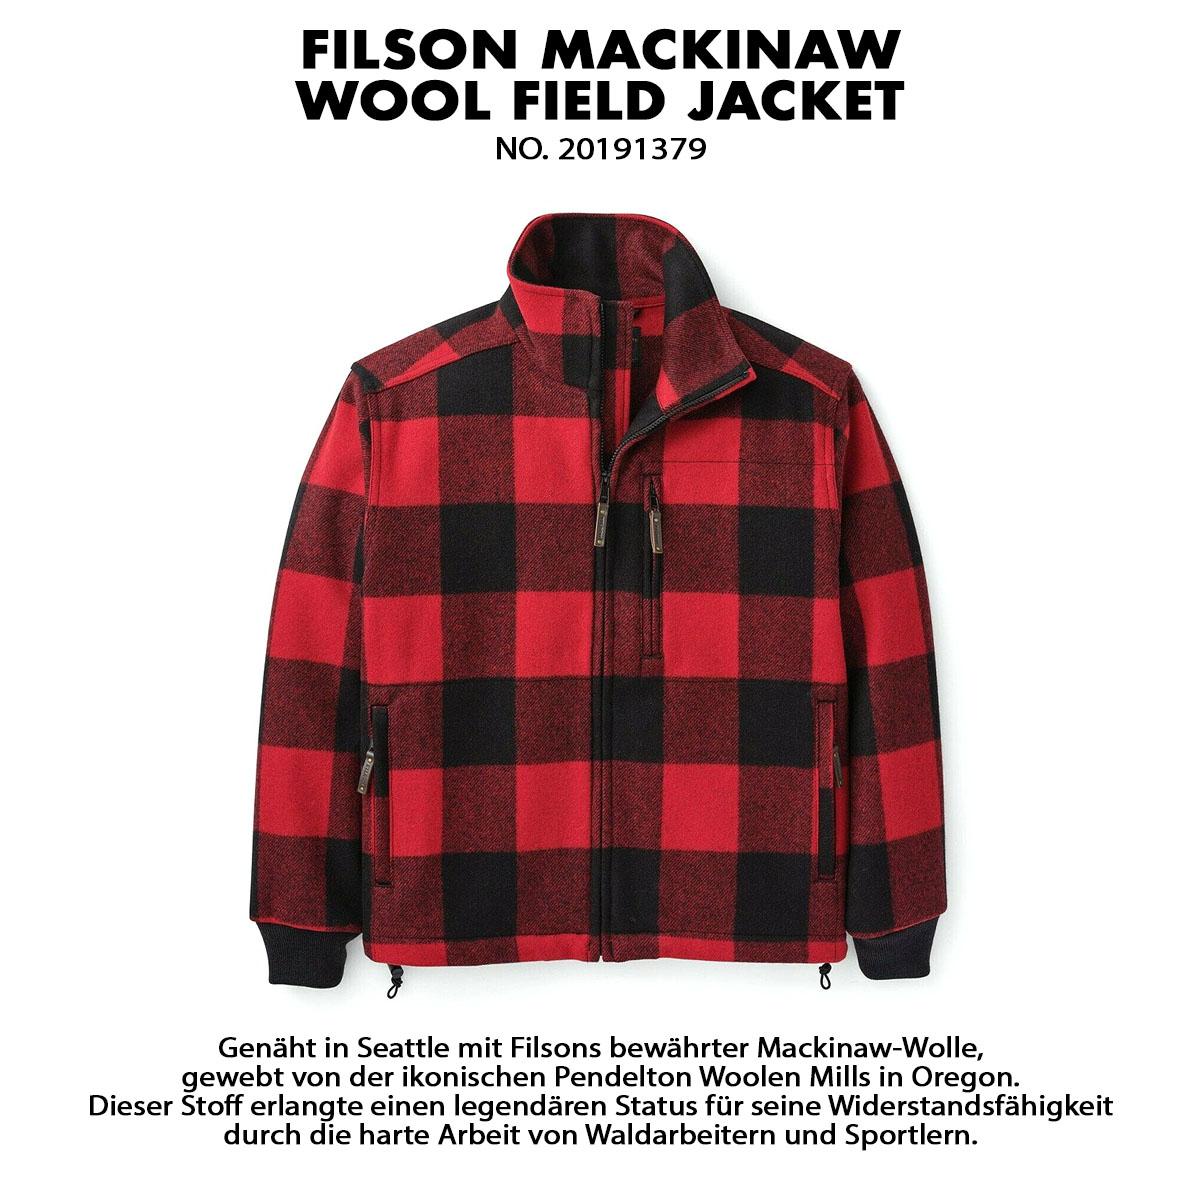 Filson Mackinaw Wool Field Jacket Red Black, für Komfort, natürliche Wasserabweisung und isolierende Wärme bei jedem Wetter.